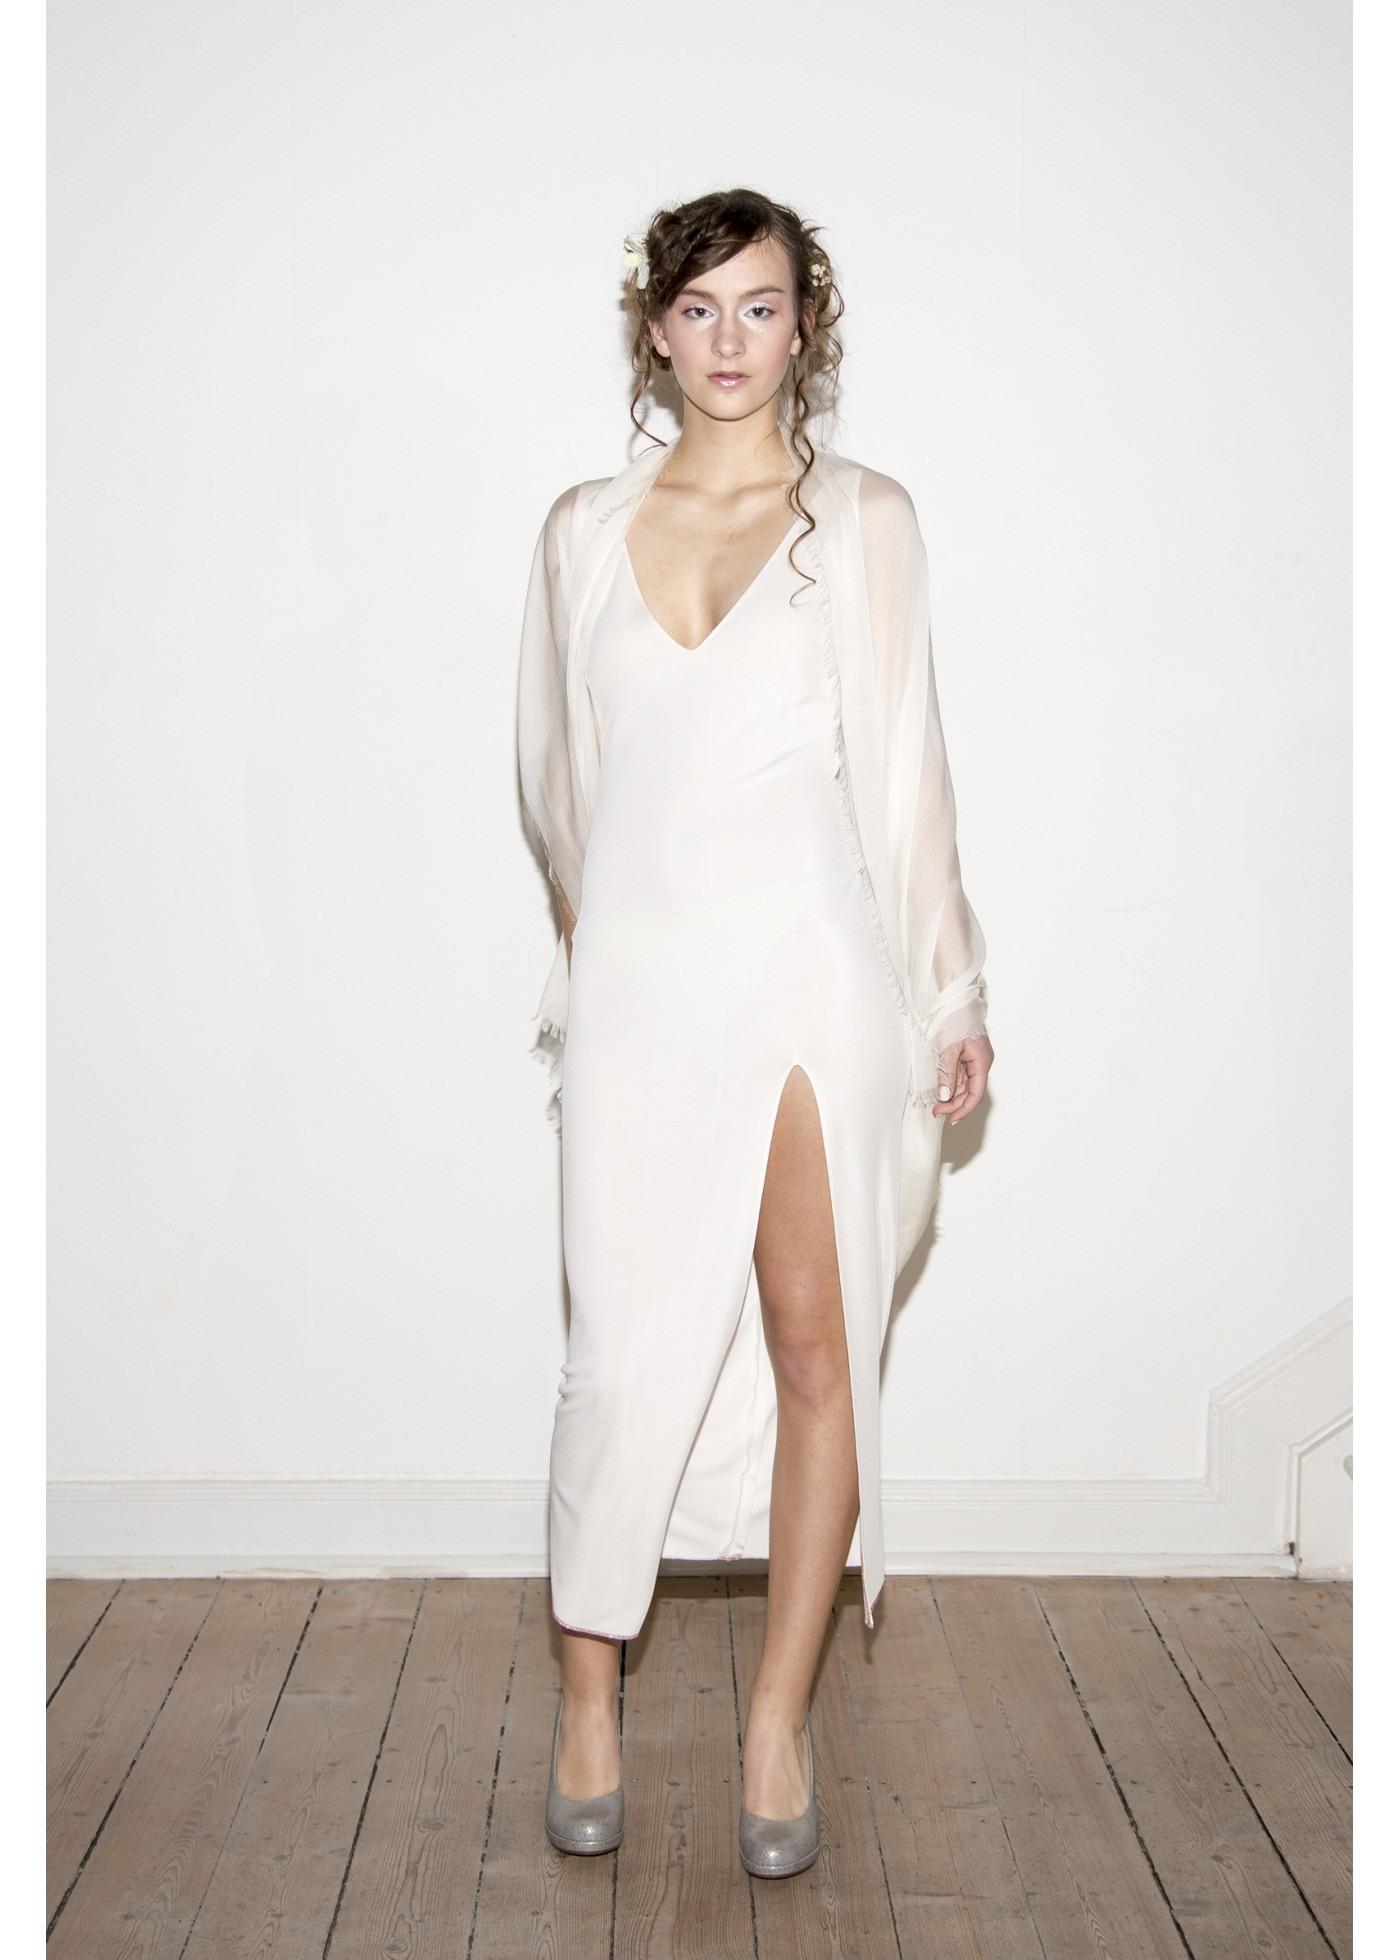 Formal Luxurius Abendkleid Jersey Lang Spezialgebiet17 Genial Abendkleid Jersey Lang Stylish